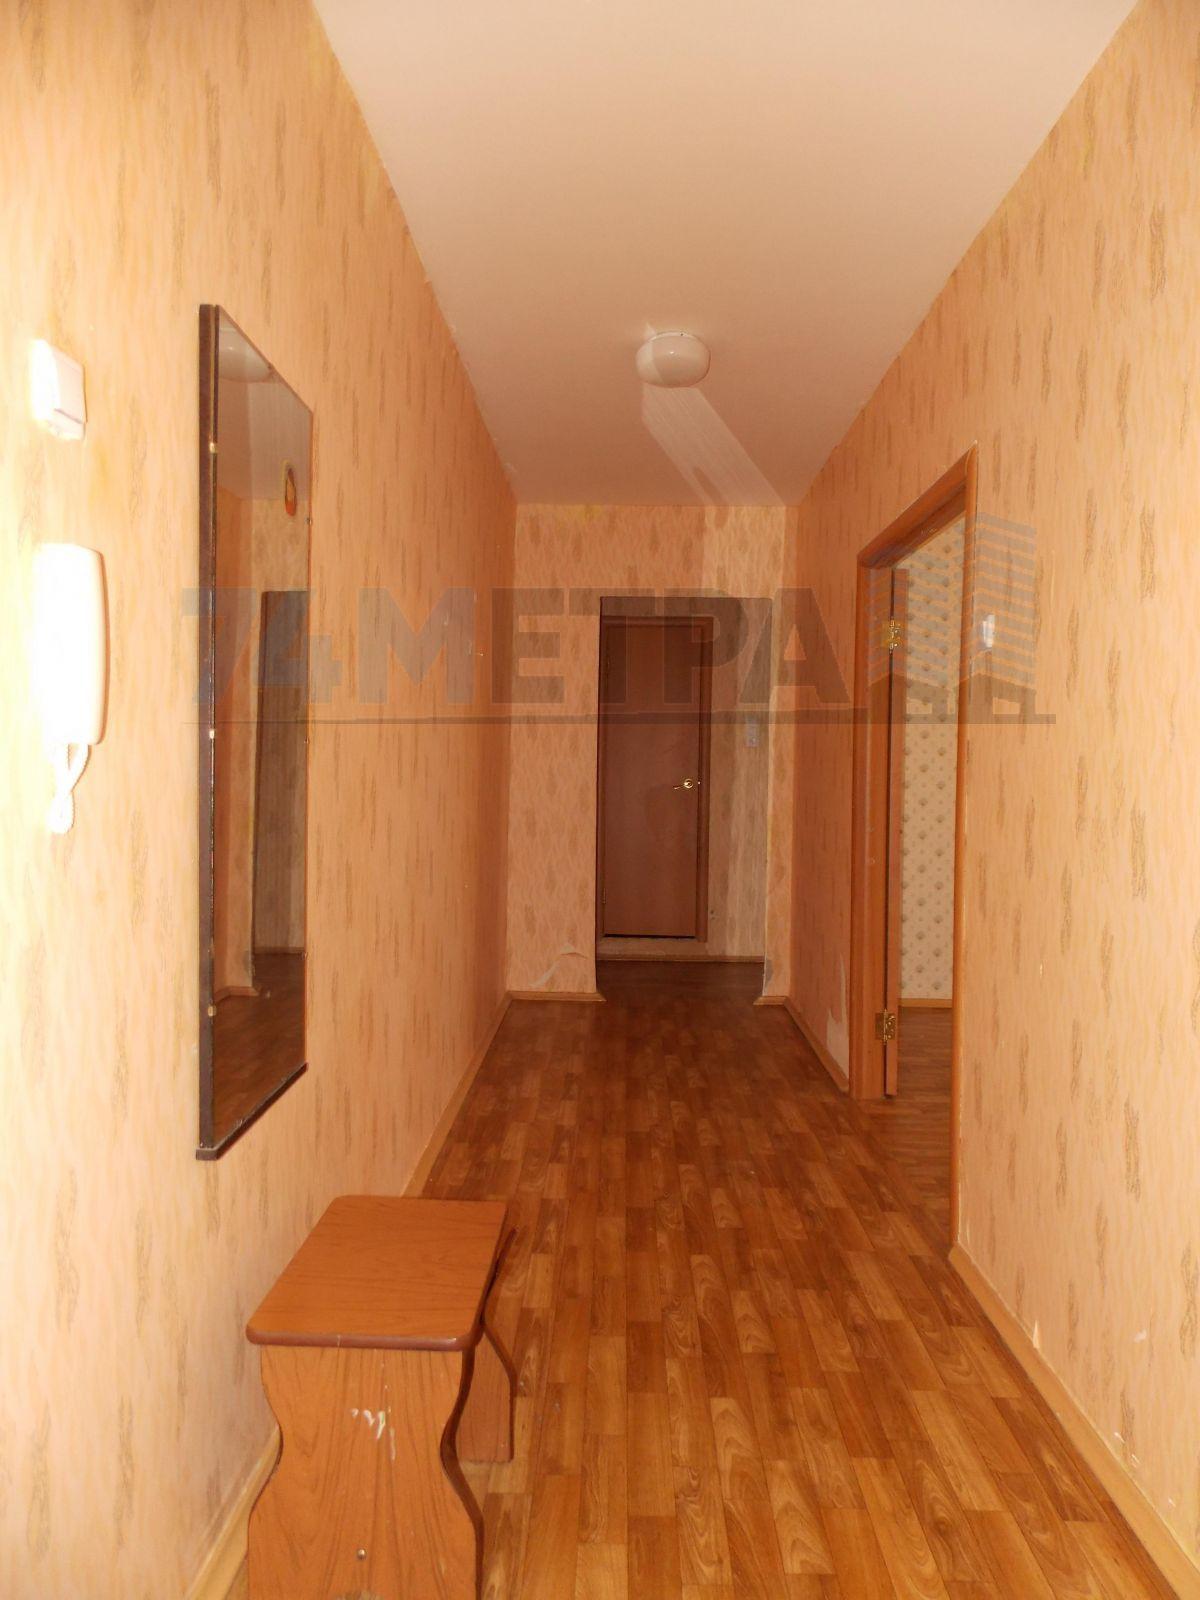 10 000 ₽, 1 - комнатная квартира, площадь 40 м², этаж 3/7